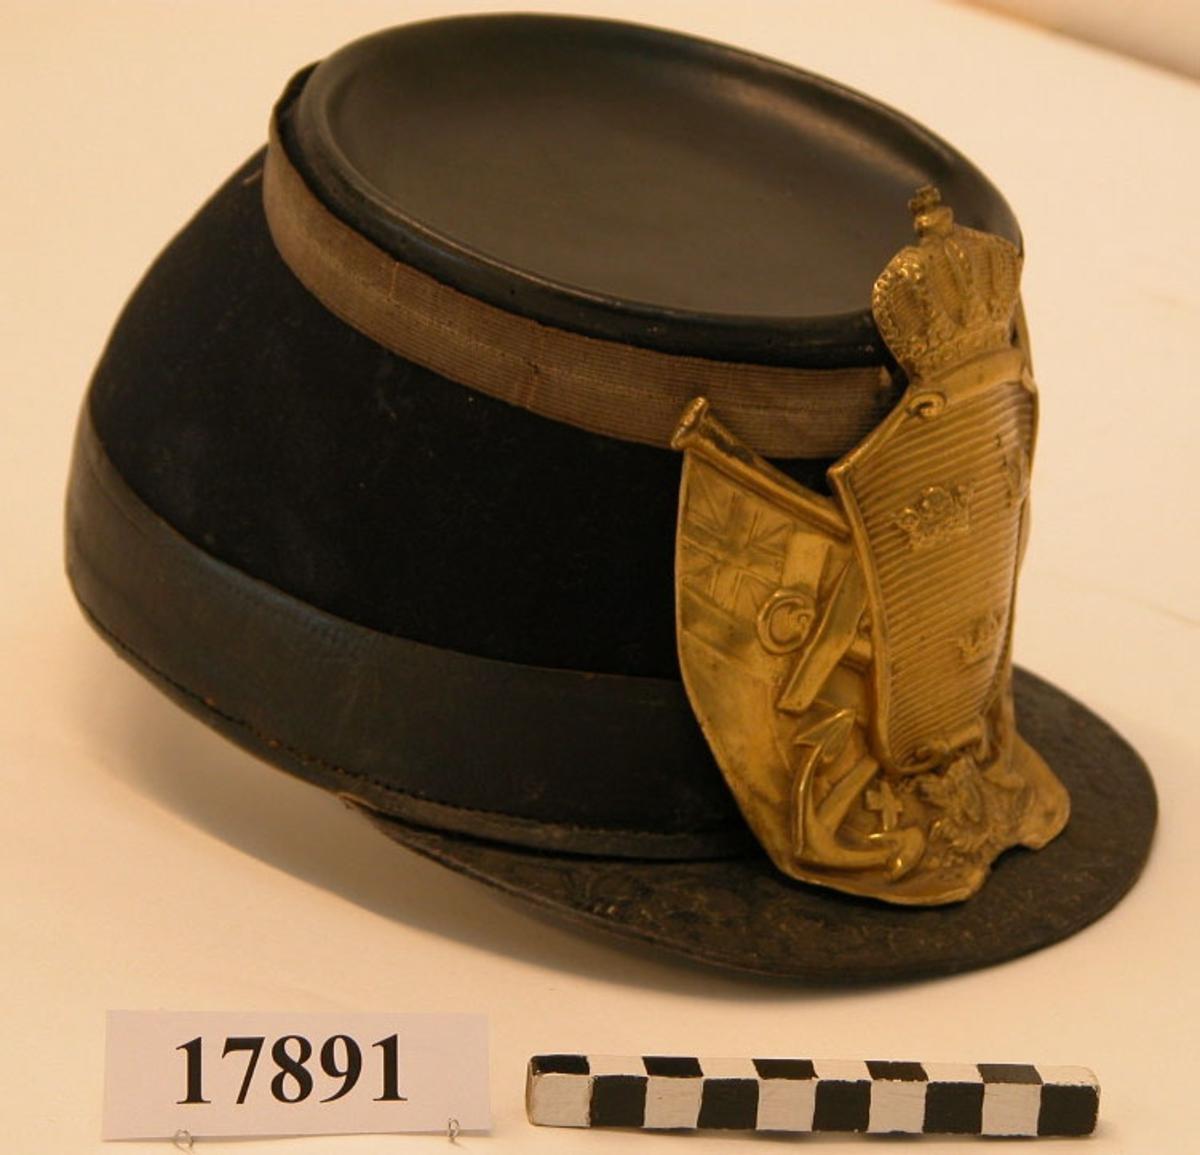 Käppi av läder, utvändigt klädd med mörkblått ylletyg. Svart läderband runt nederkanten (bredd: 35 mm) vävt guldband bestående av två sammansydda band (bredd:17)  runt ovankanten. Käppins ovandel av svart läder. Skärmen av svart läder, bredd: 45 mm. Paradplåt av mässing, höjd:135 mm, bredd: 125 mm, motivet utgöres av lilla riksvapnet i mitten, tre kronor på refflad krönt sköld. Bakom två korslagda stockankare, nederst skymtar en bit av serafimerordens kedja, vid sidorna omgiven av två unionsflaggor. Invändigt klädd med läder samt försedd med rem.